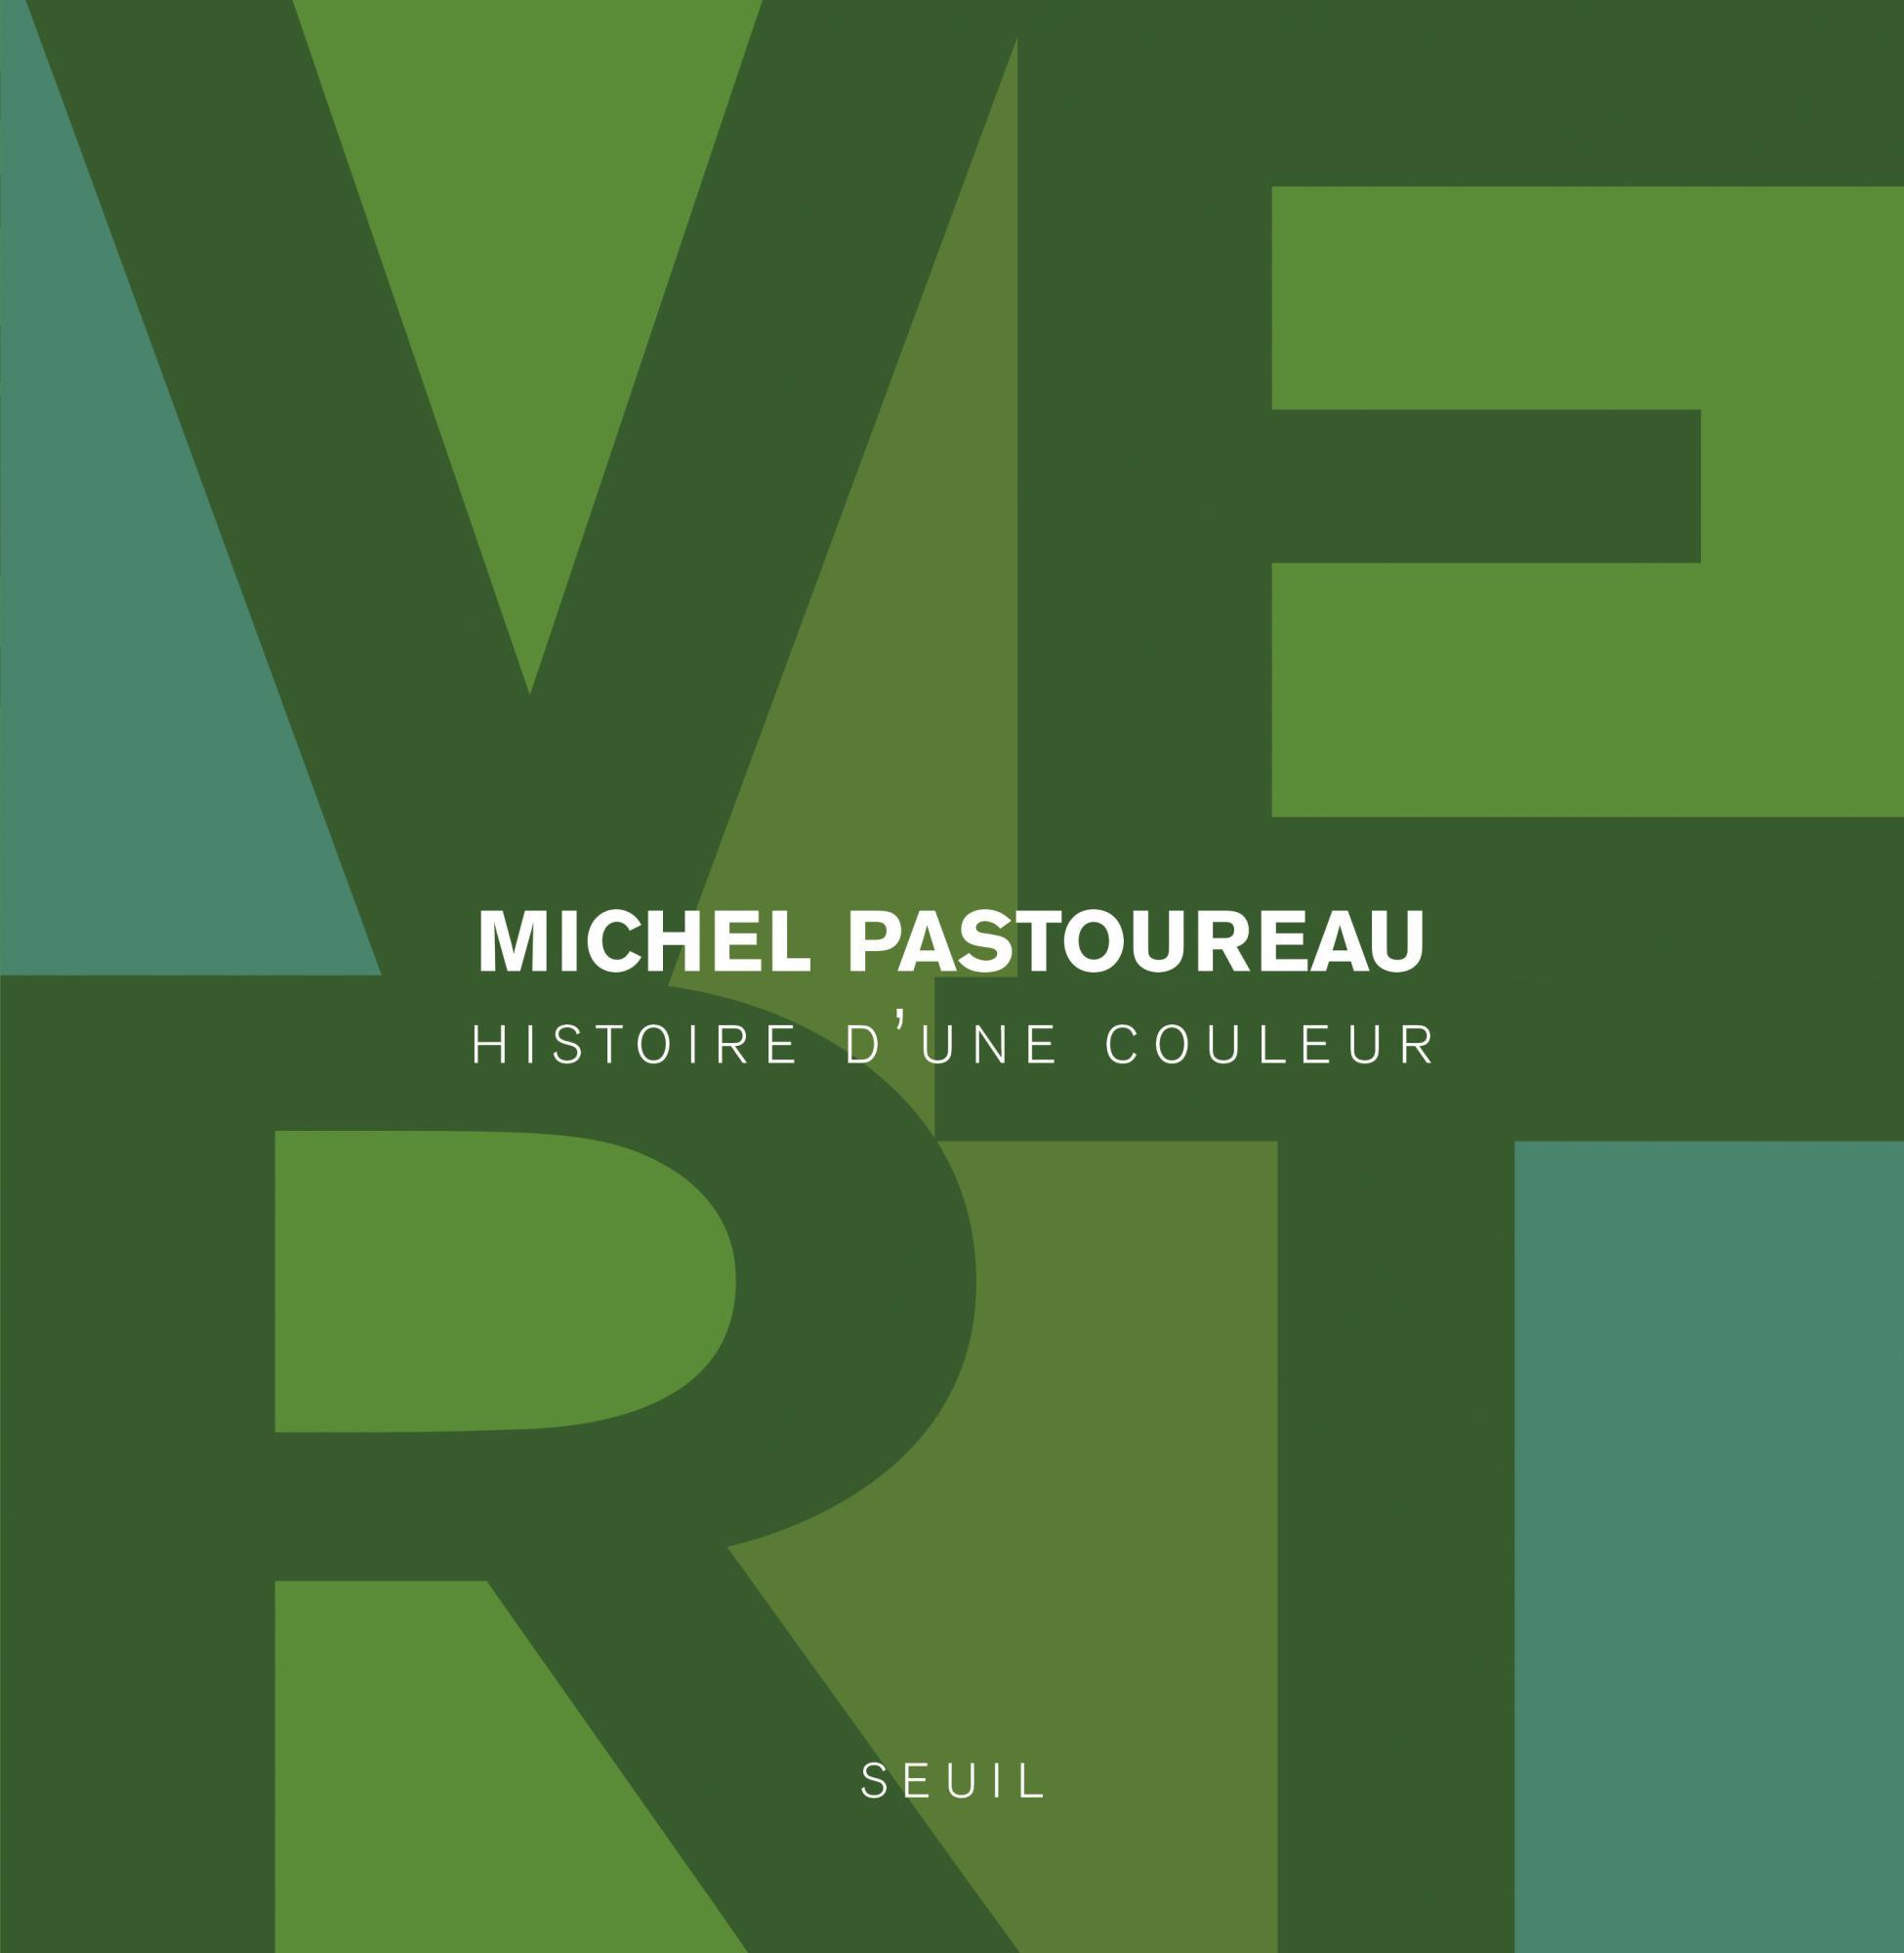 Le petit livre des couleurs michel pastoureau sciences humaines seuil e - Les couleurs du vert ...